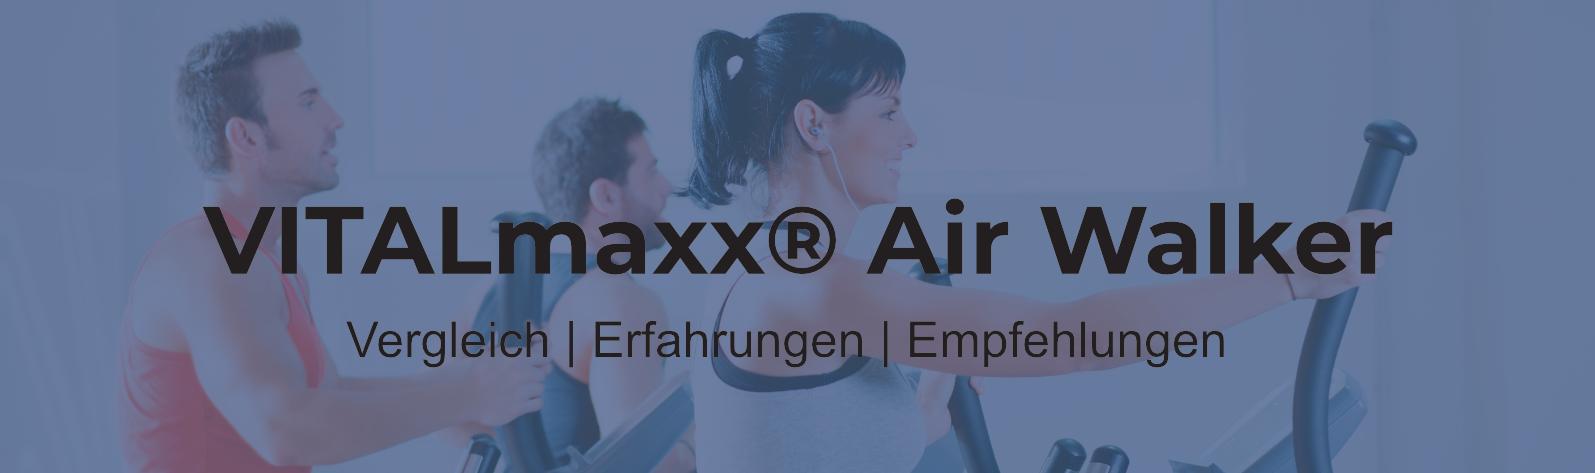 VITALmaxx Trainingsgerät Air Walker